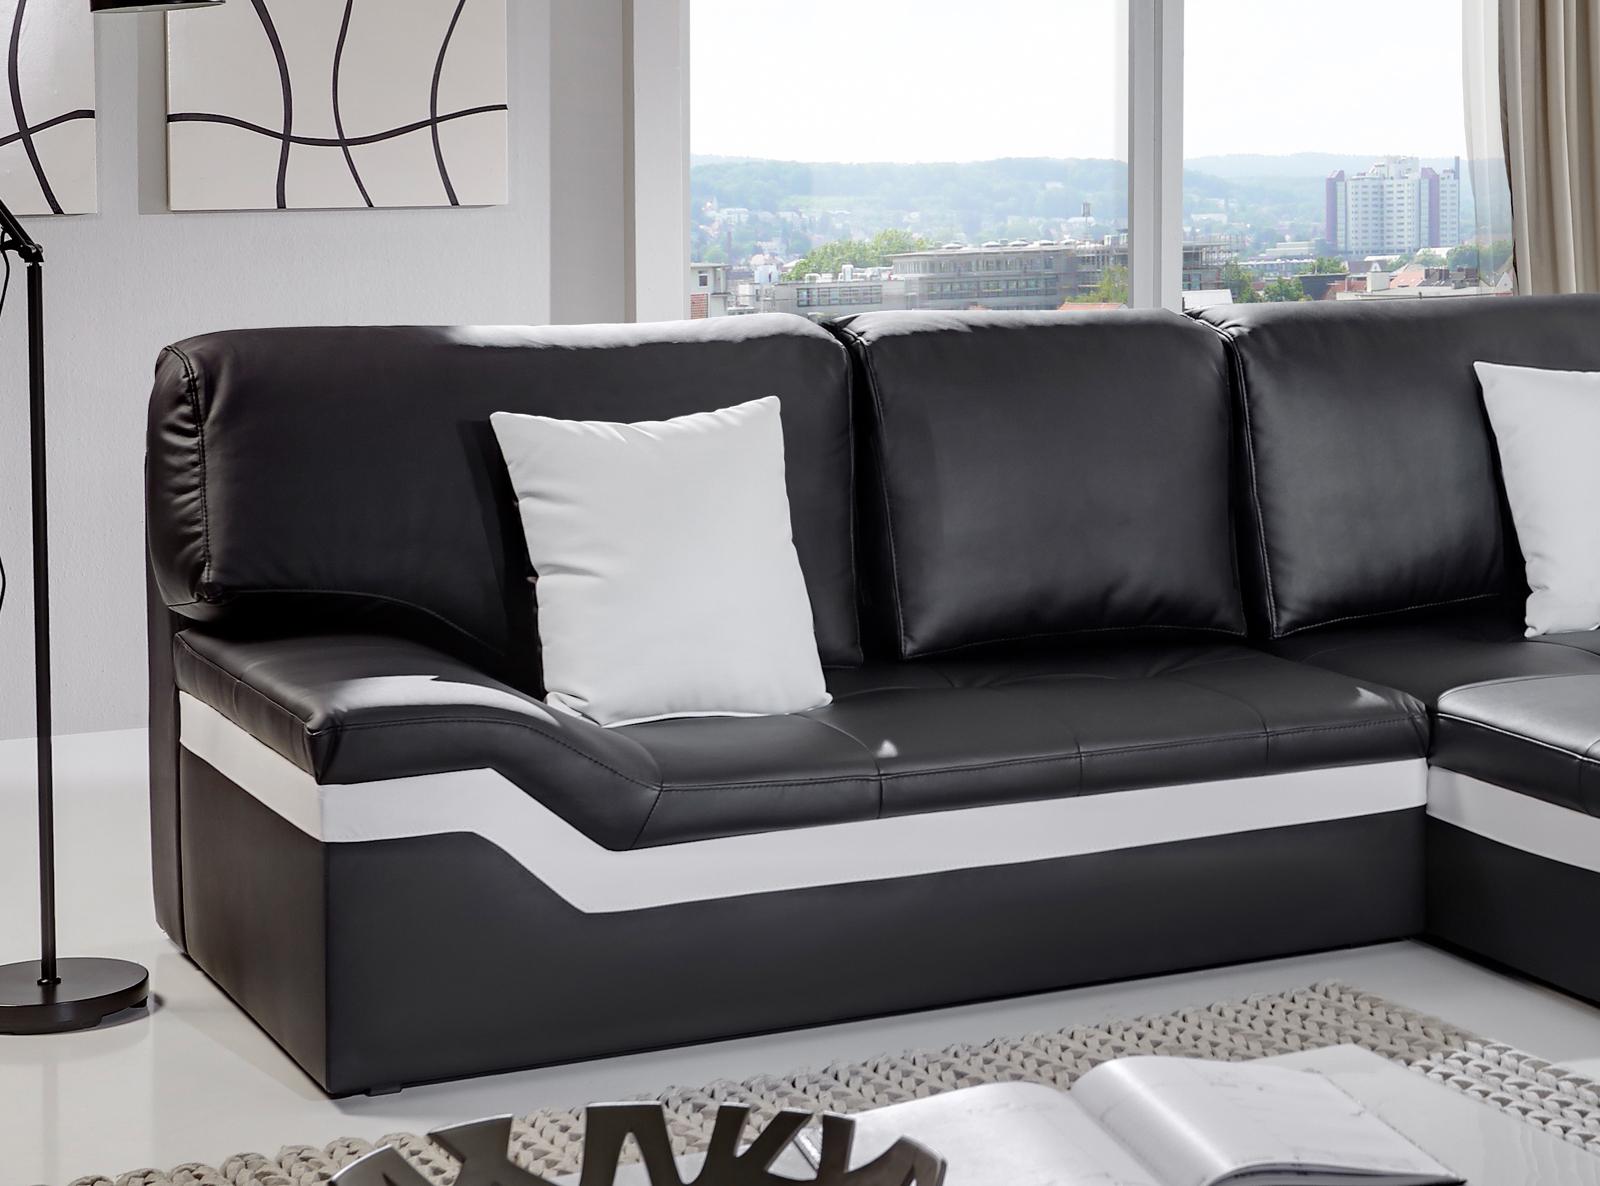 Entzückend Ecksofa Wohnlandschaft Galerie Von Sam® 270 X 220 Cm Schwarz/weiß Sofa